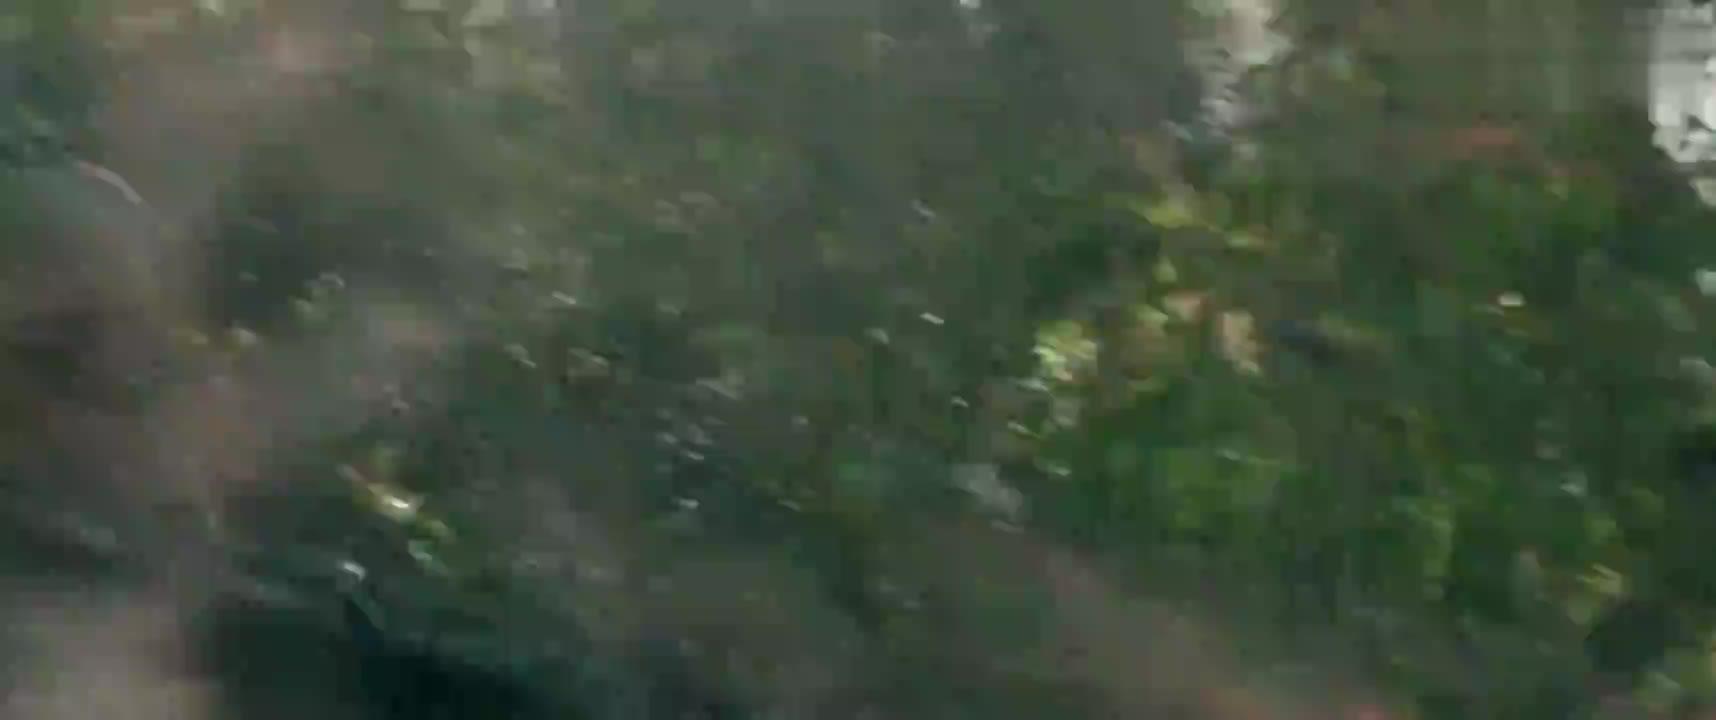 #经典看电影#最新科幻大片,特种部队临死前引爆炸弹!与外星战舰同归于尽